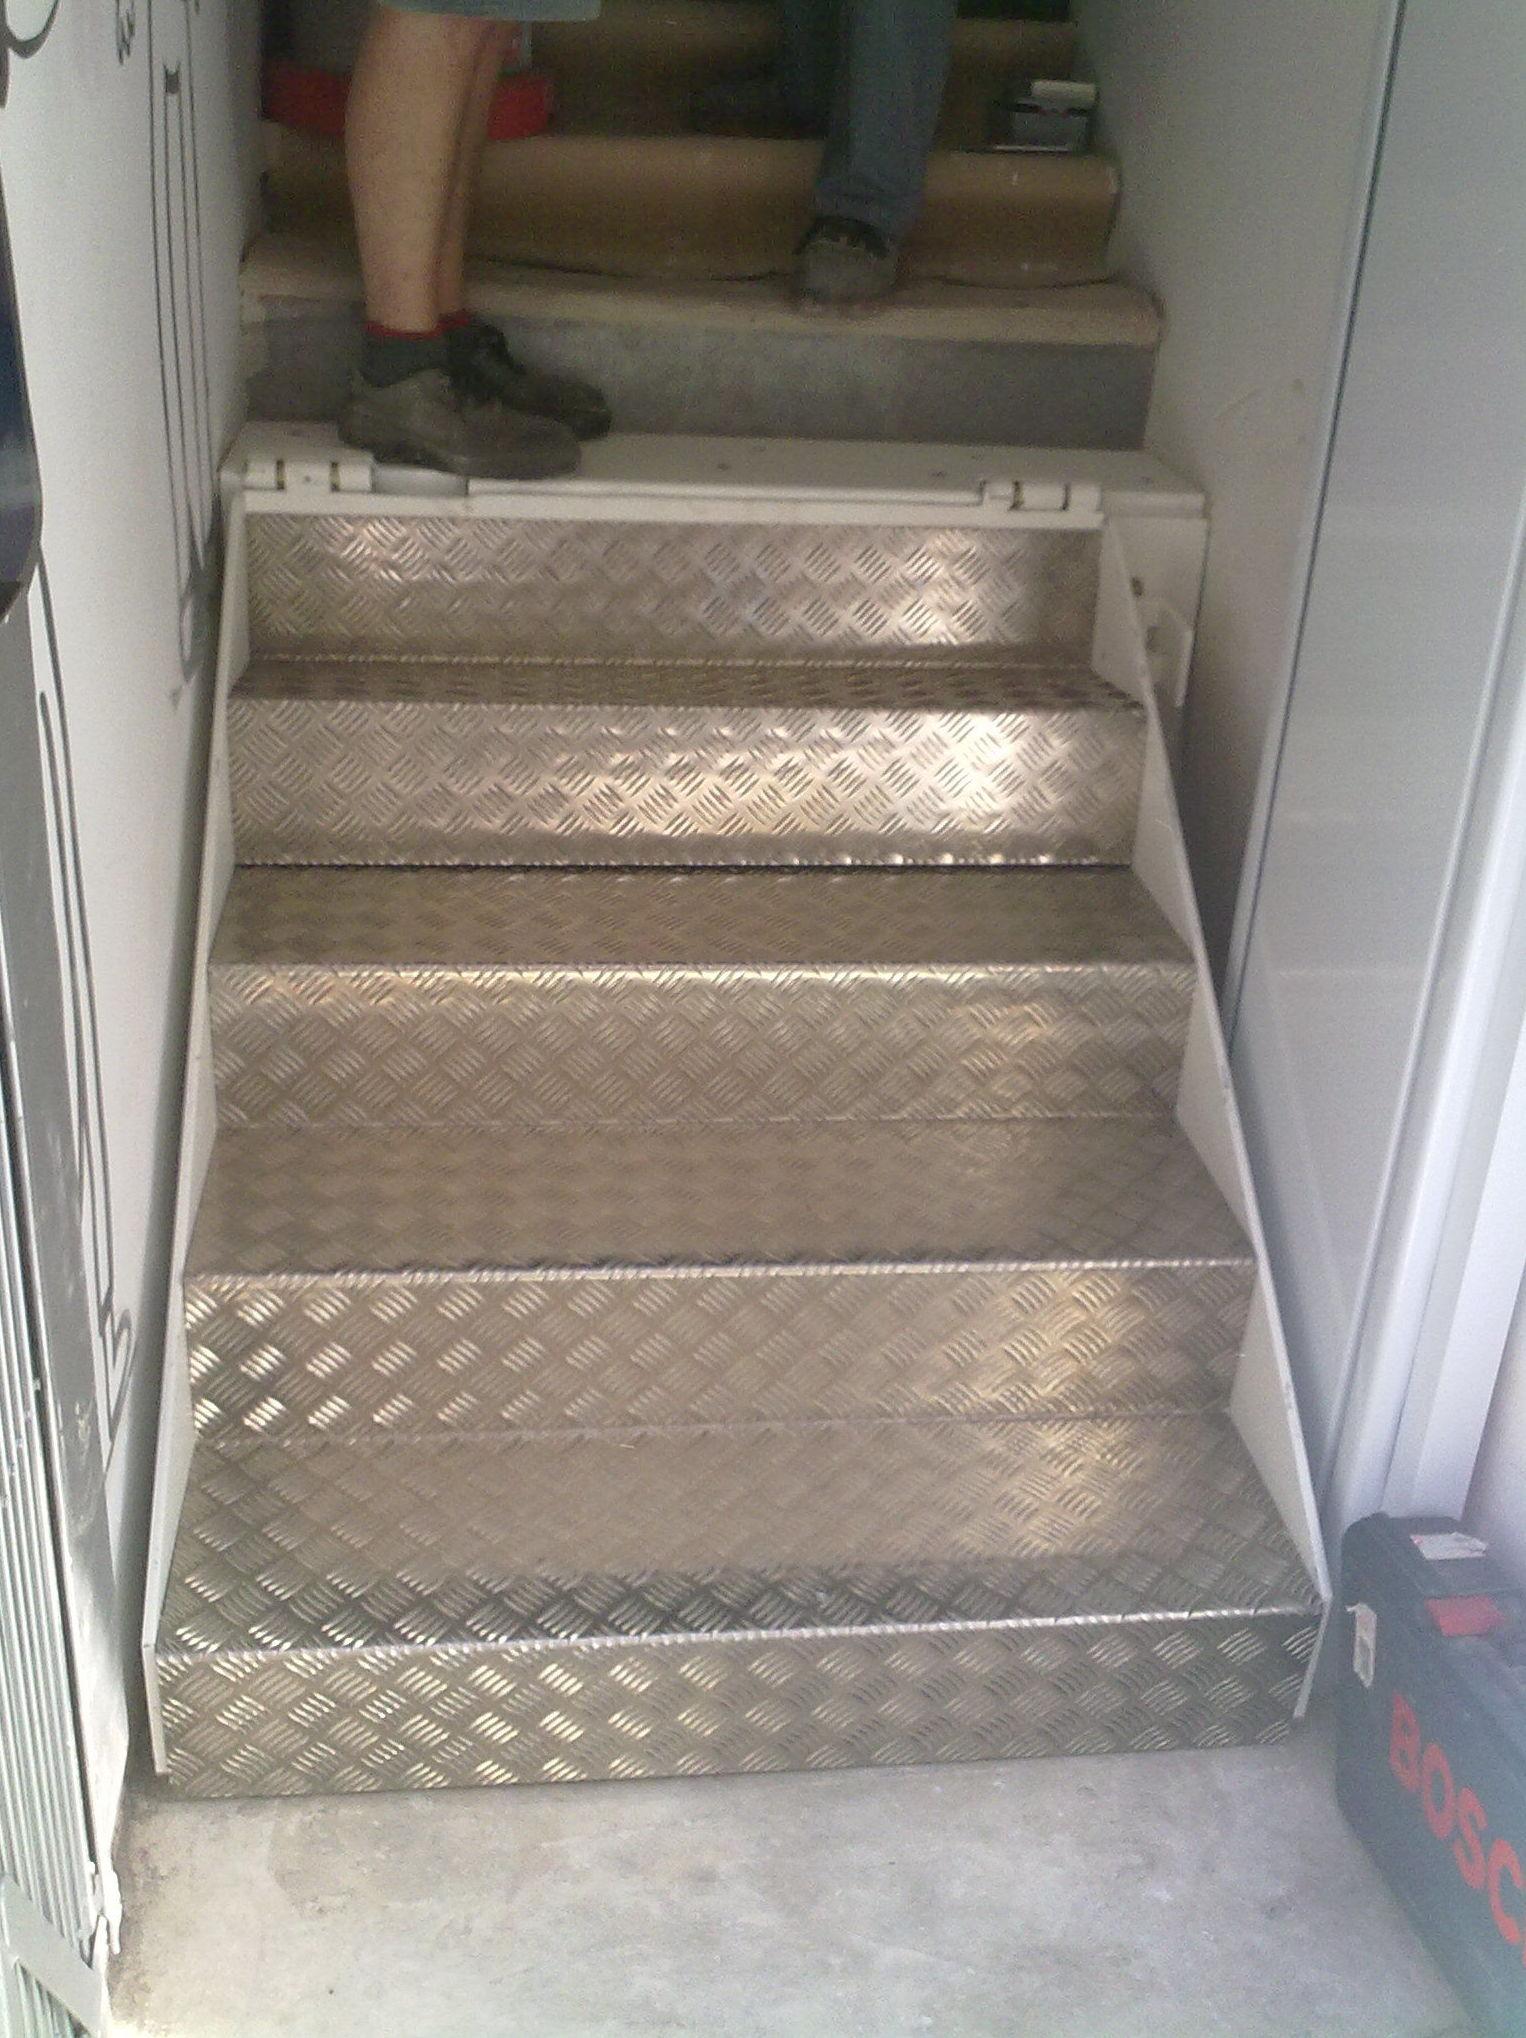 abatimos los peldaños por falta de espacio y se dejo hueco para que bajara el elevador .